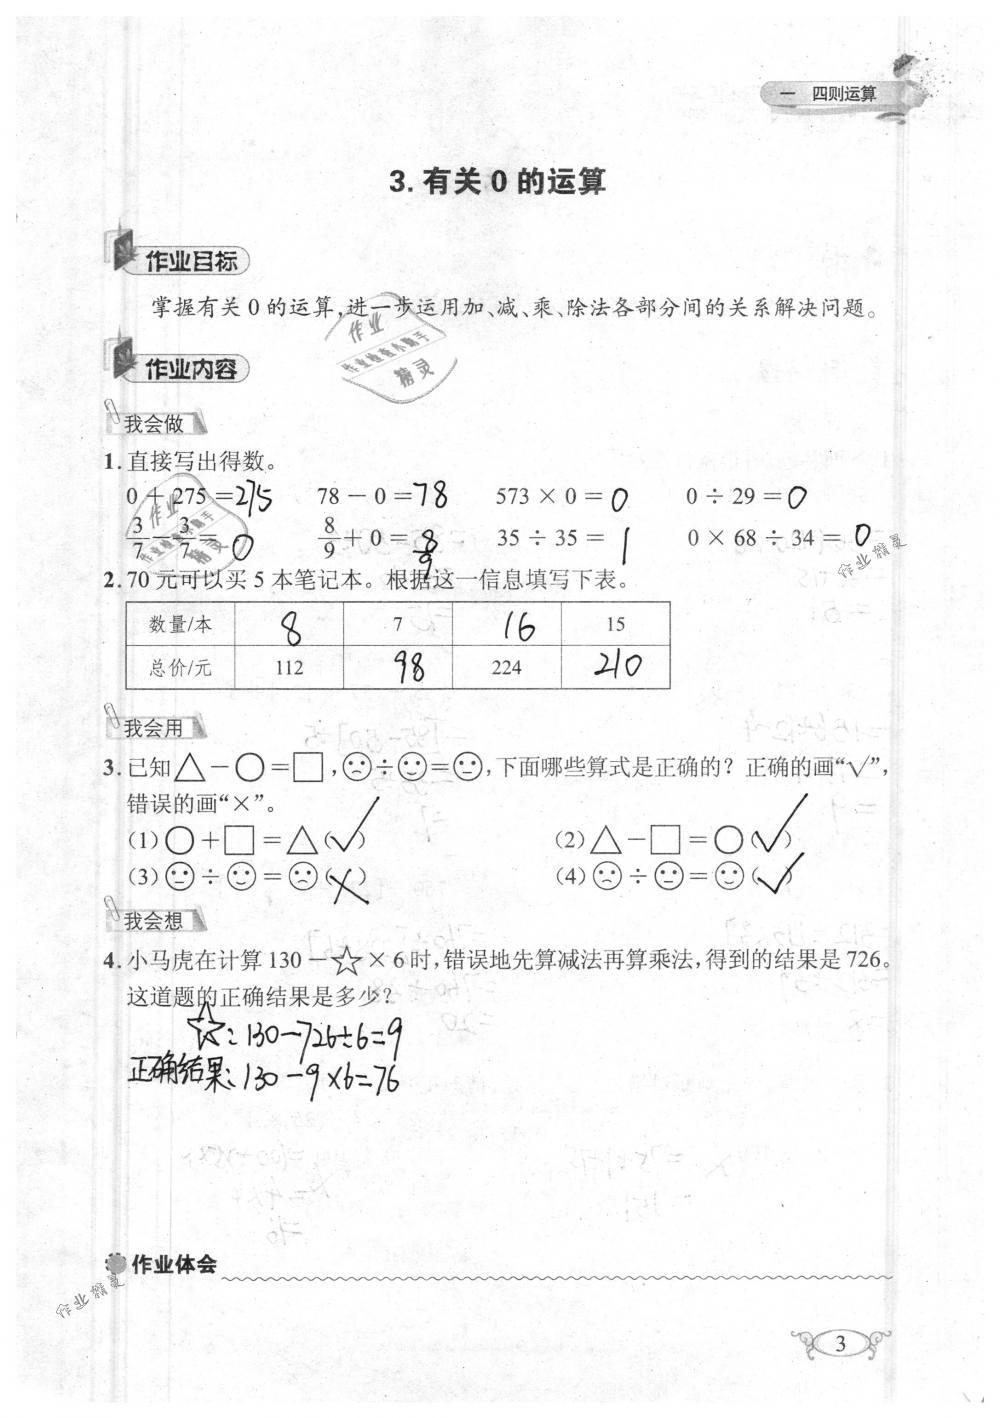 2019年长江作业本同步练习册四年级数学下册人教版参考答案第3页